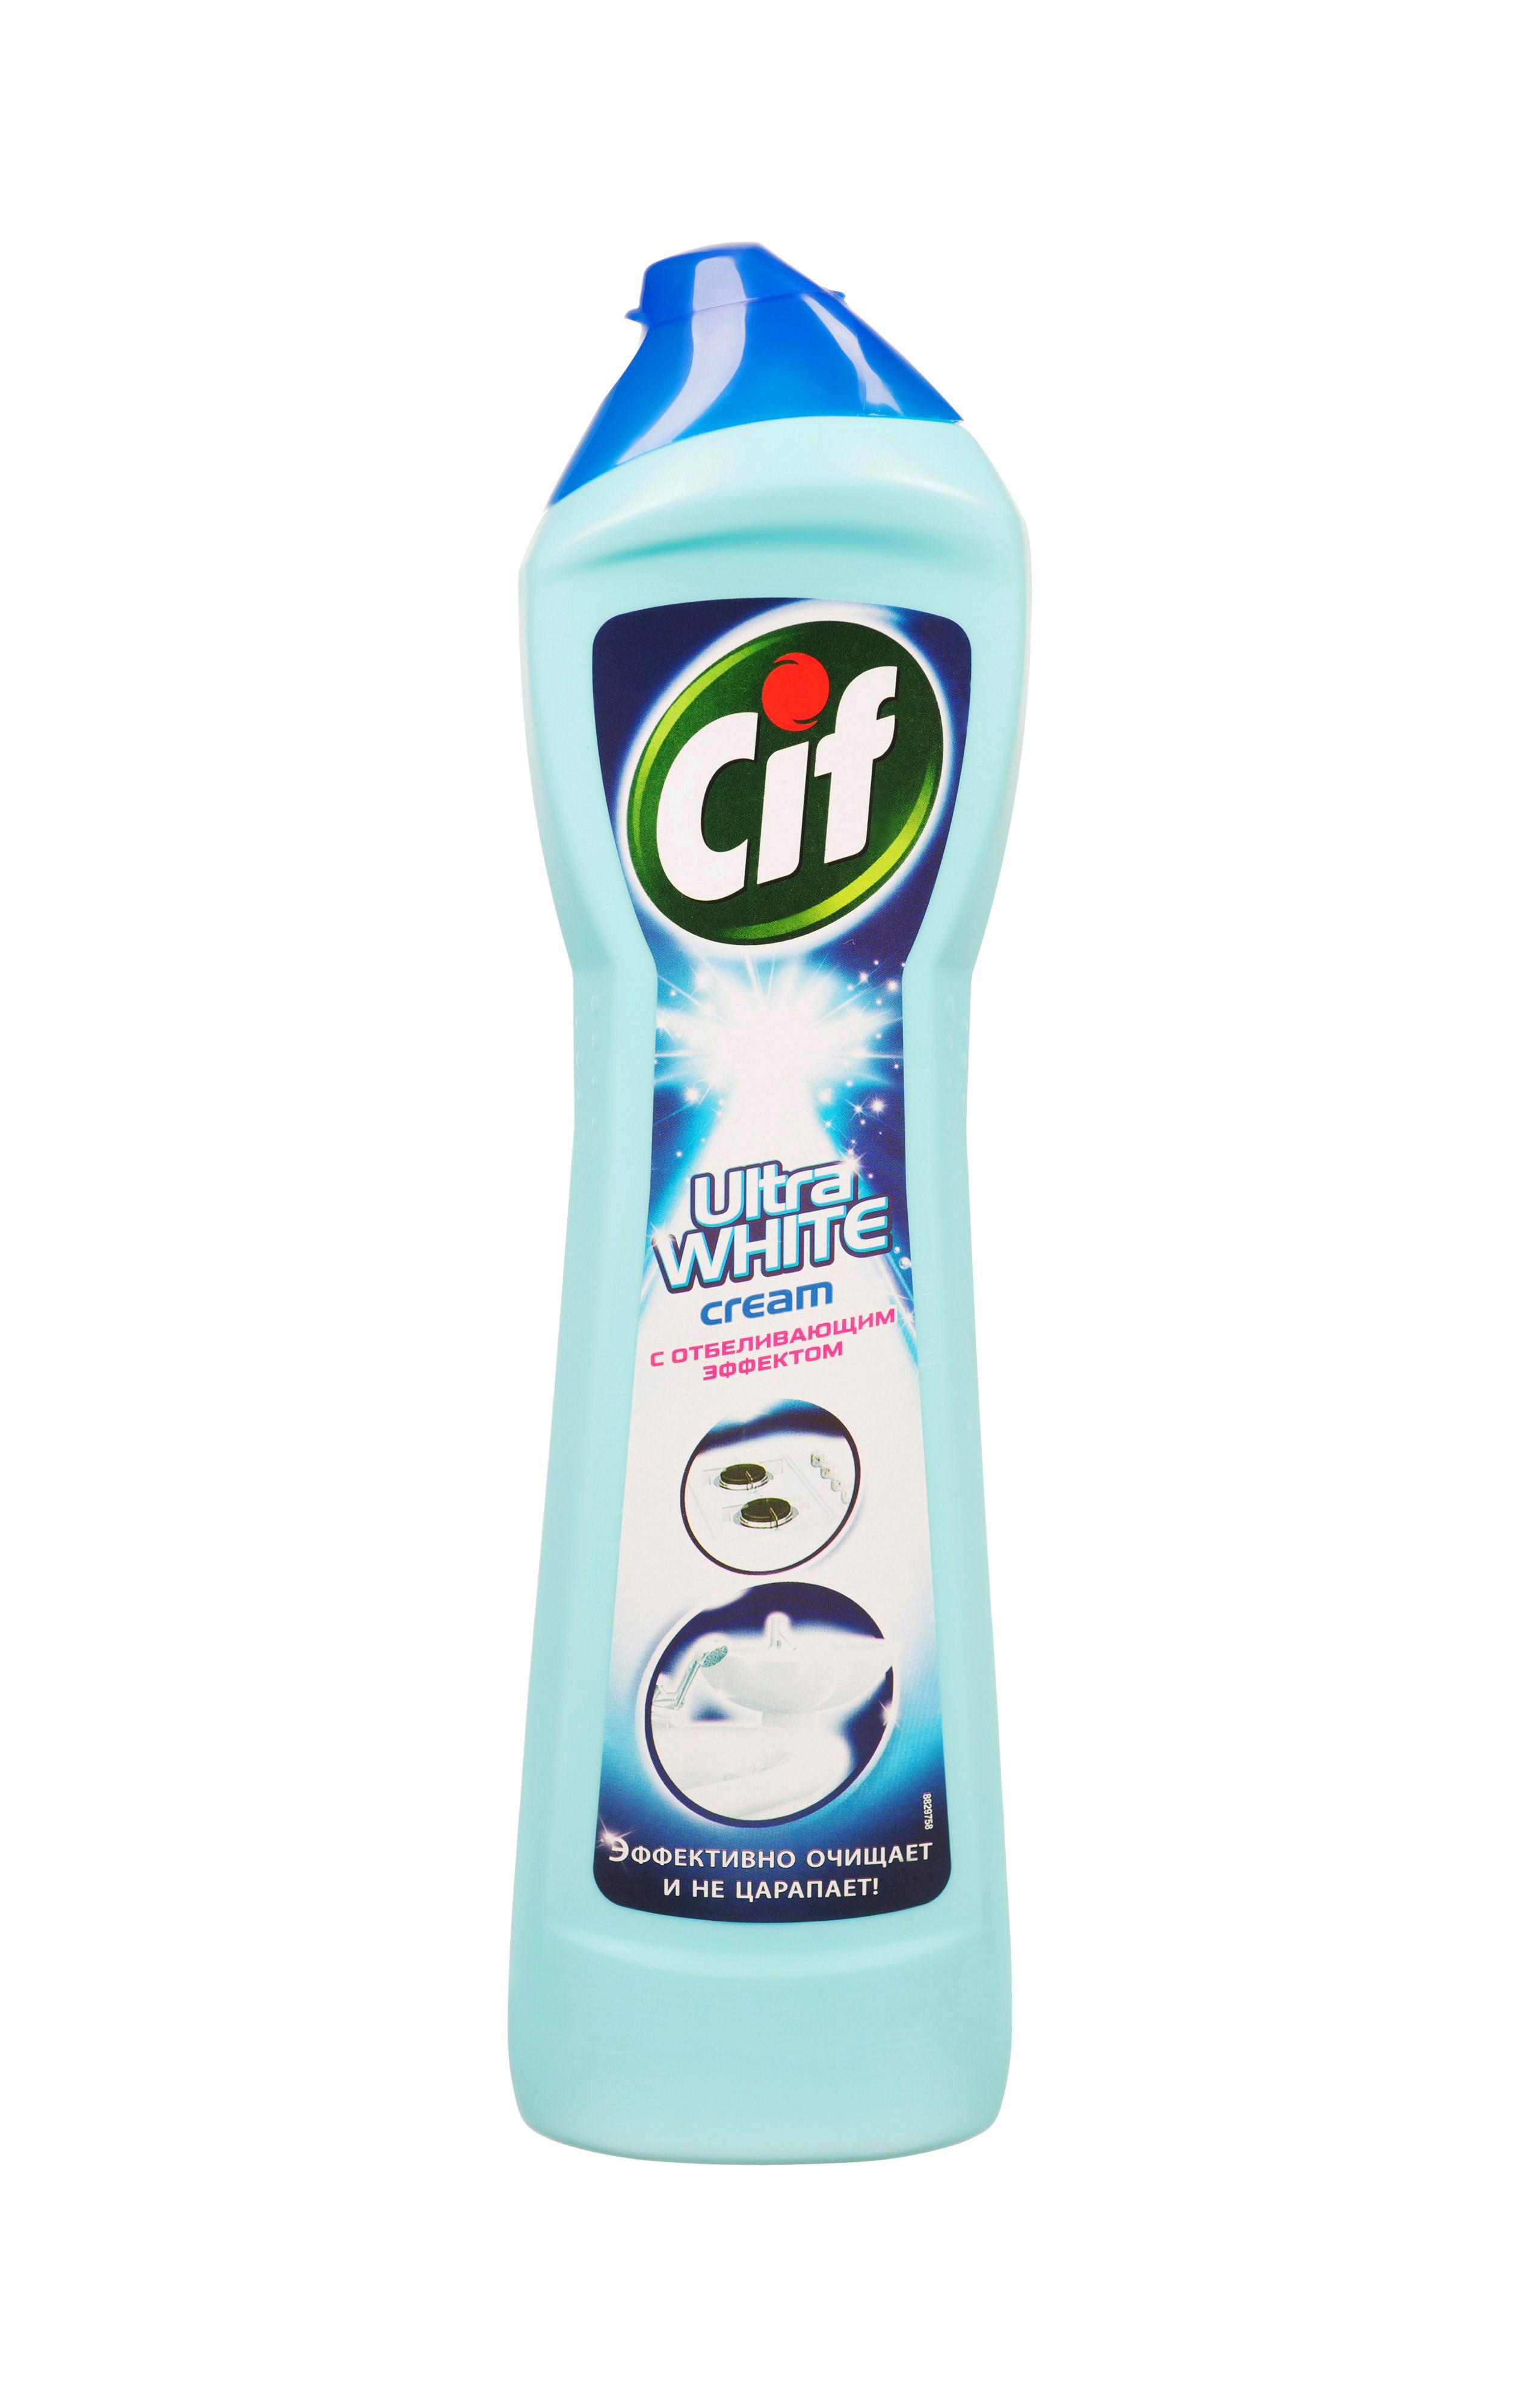 Cif Чистящий крем Ultra White, с отбеливающим эффектом, 500 мл65414441/8747879Чистящий крем Cif Ultra White содержит особые микрогранулы, удаляющие жир вещества и отбеливающий компонент, поэтому обладает тройной силой, позволяющей справиться с самыми сложными и трудновыводимыми загрязнениями даже на современных поверхностях во всем доме. Подходит для очистки поверхностей на кухне, в ванной и туалете. Моющая формула эффективно удалит:- стойкие загрязнения на кухне и в ванной, - ржавчину и известковые отложения, - мыльный налет, - пятна плесени в ванной комнате,- пятна от чая, кофе, вина.Благодаря уникальной формуле крем Cif эффективно справляется даже с сильными загрязнениями, не повреждая поверхность и не оставляя на ней царапин! Все поверхности на кухне и в ванной засияют как новые, крем Cif легко вернет им первоначальную чистоту и сохранит ваше время для более приятных занятий!Состав: менее 5% анионные ПАВ, гипохлорит натрия, неионогенные ПАВ, мыло, отдушка.Товар сертифицирован.Как выбрать качественную бытовую химию, безопасную для природы и людей. Статья OZON Гид